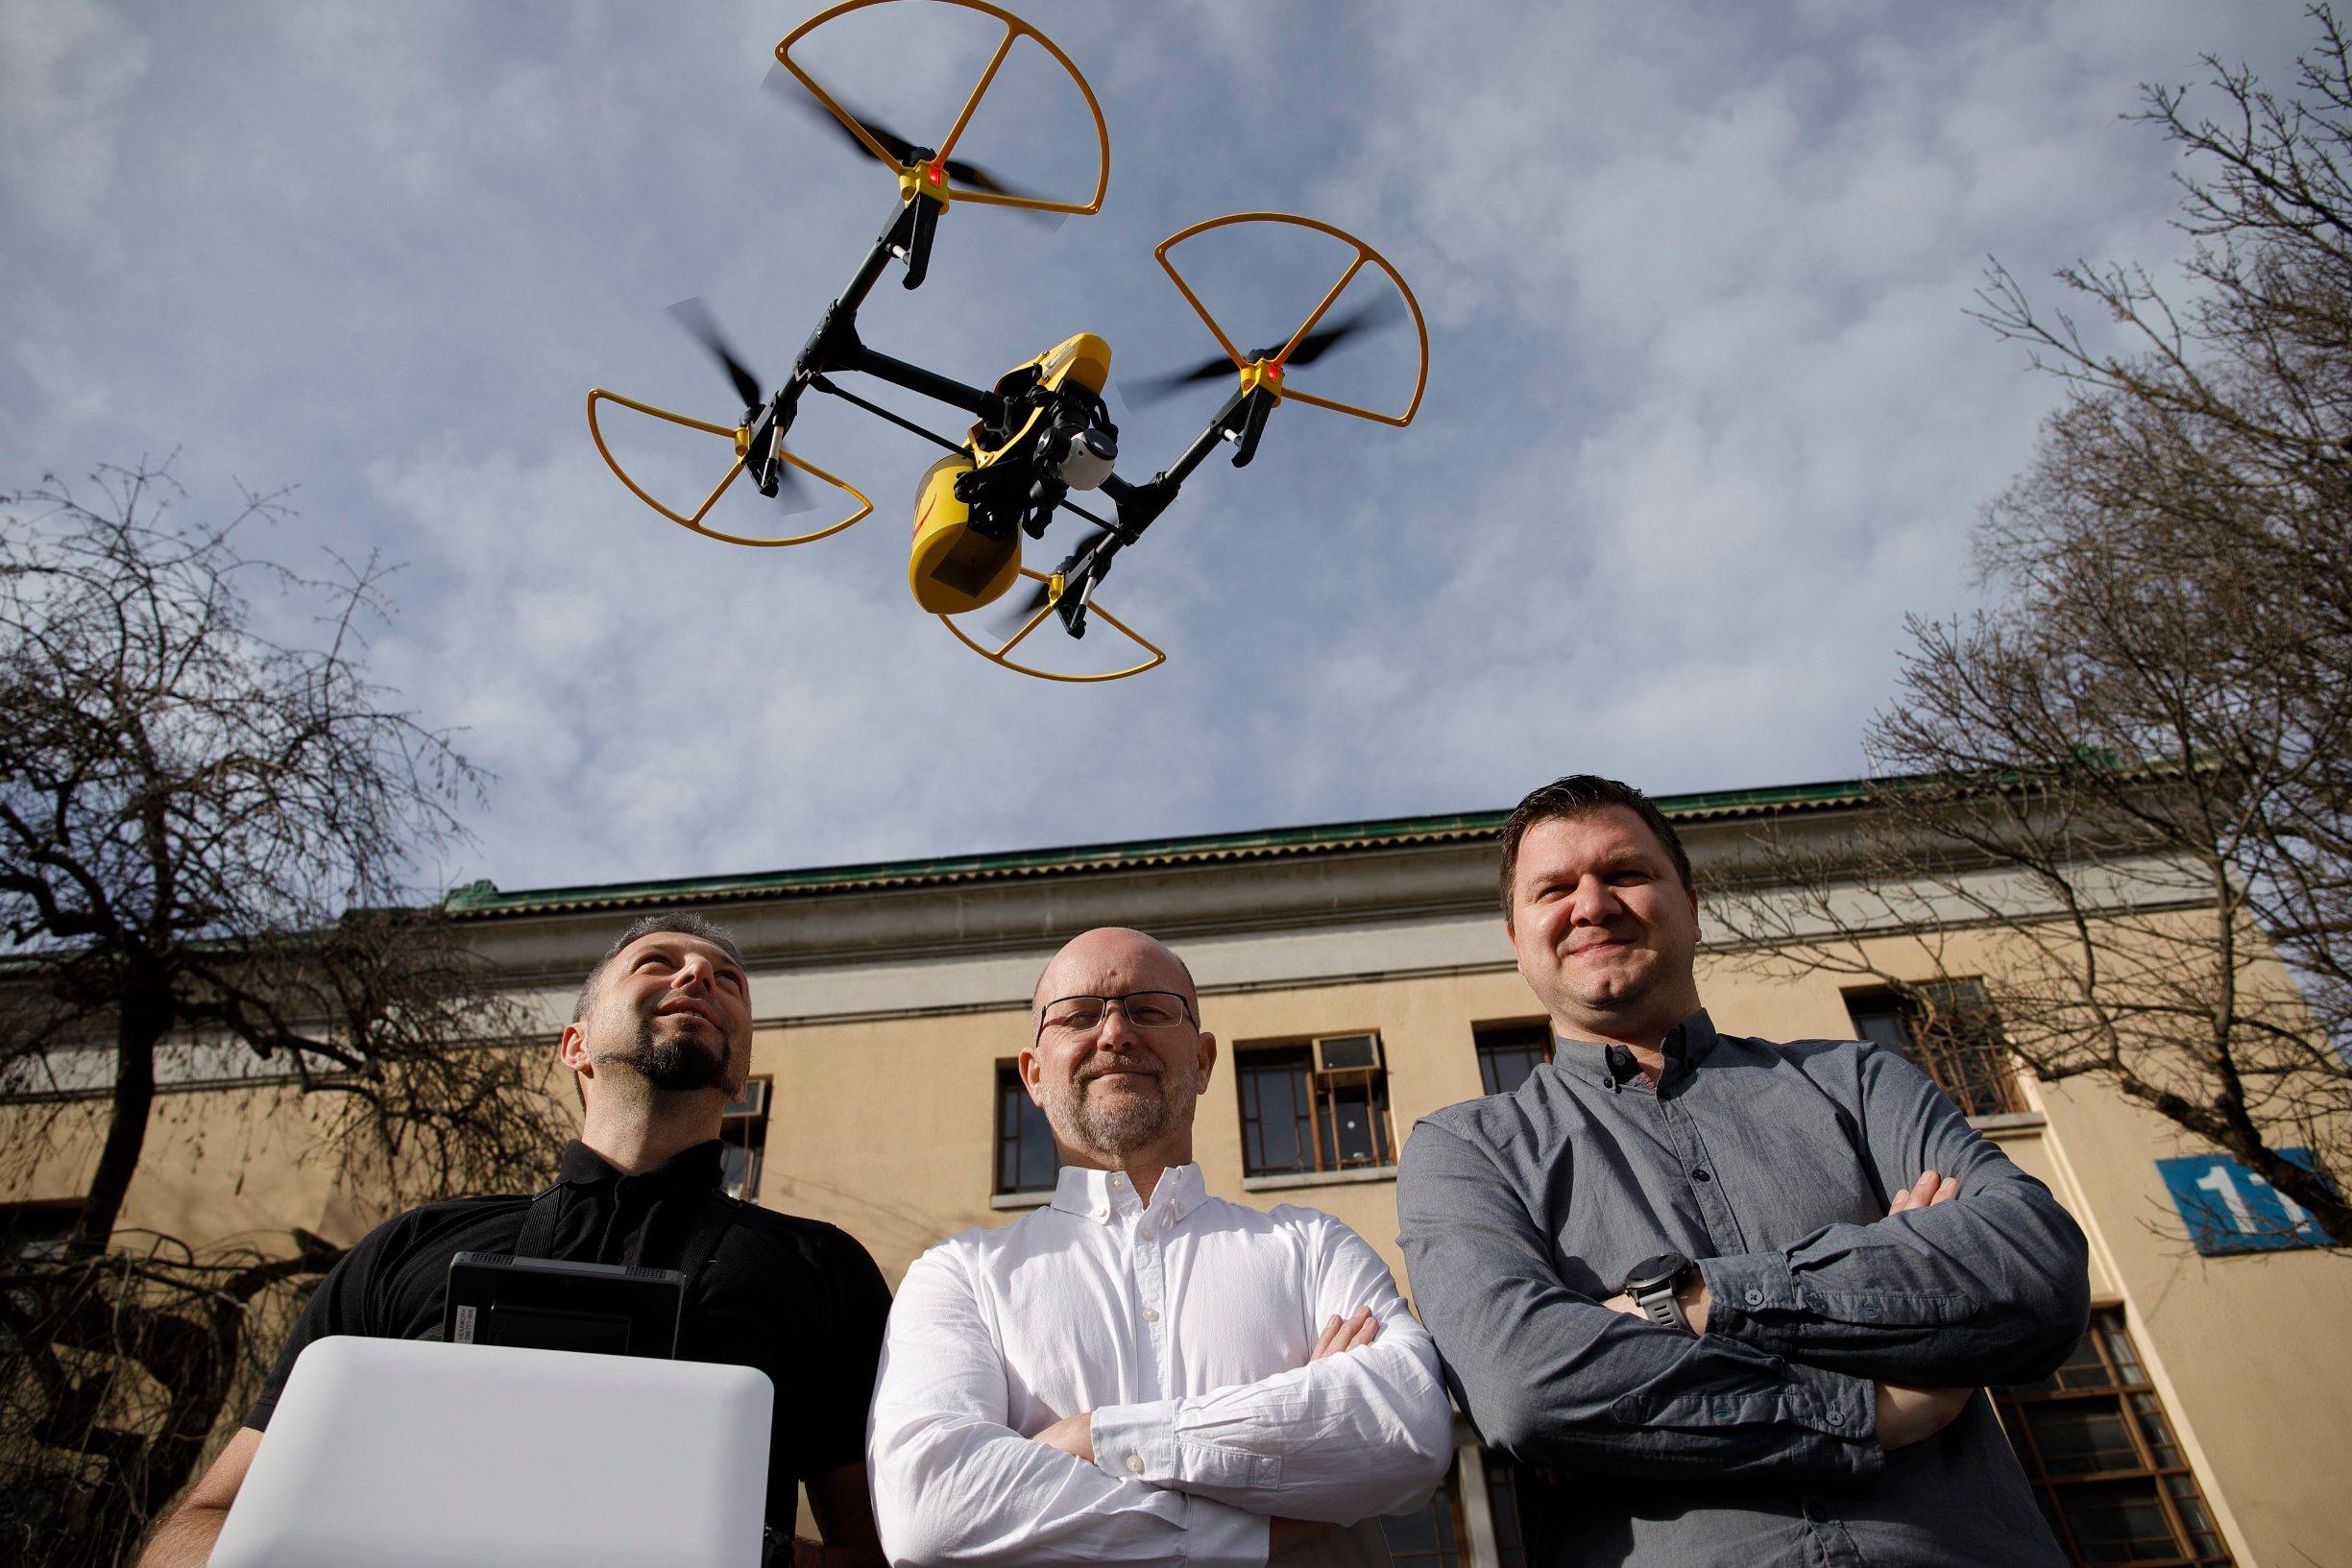 Zagreb, 210120. Tvrtka AIR-RMLD dostavila je postu dronom iz Zadra na otok Ugljan. Na fotografiji: Ivan Vidakovic, Davor Sladovic, Milan Domazet. Foto: Dragan Matic / CROPIX